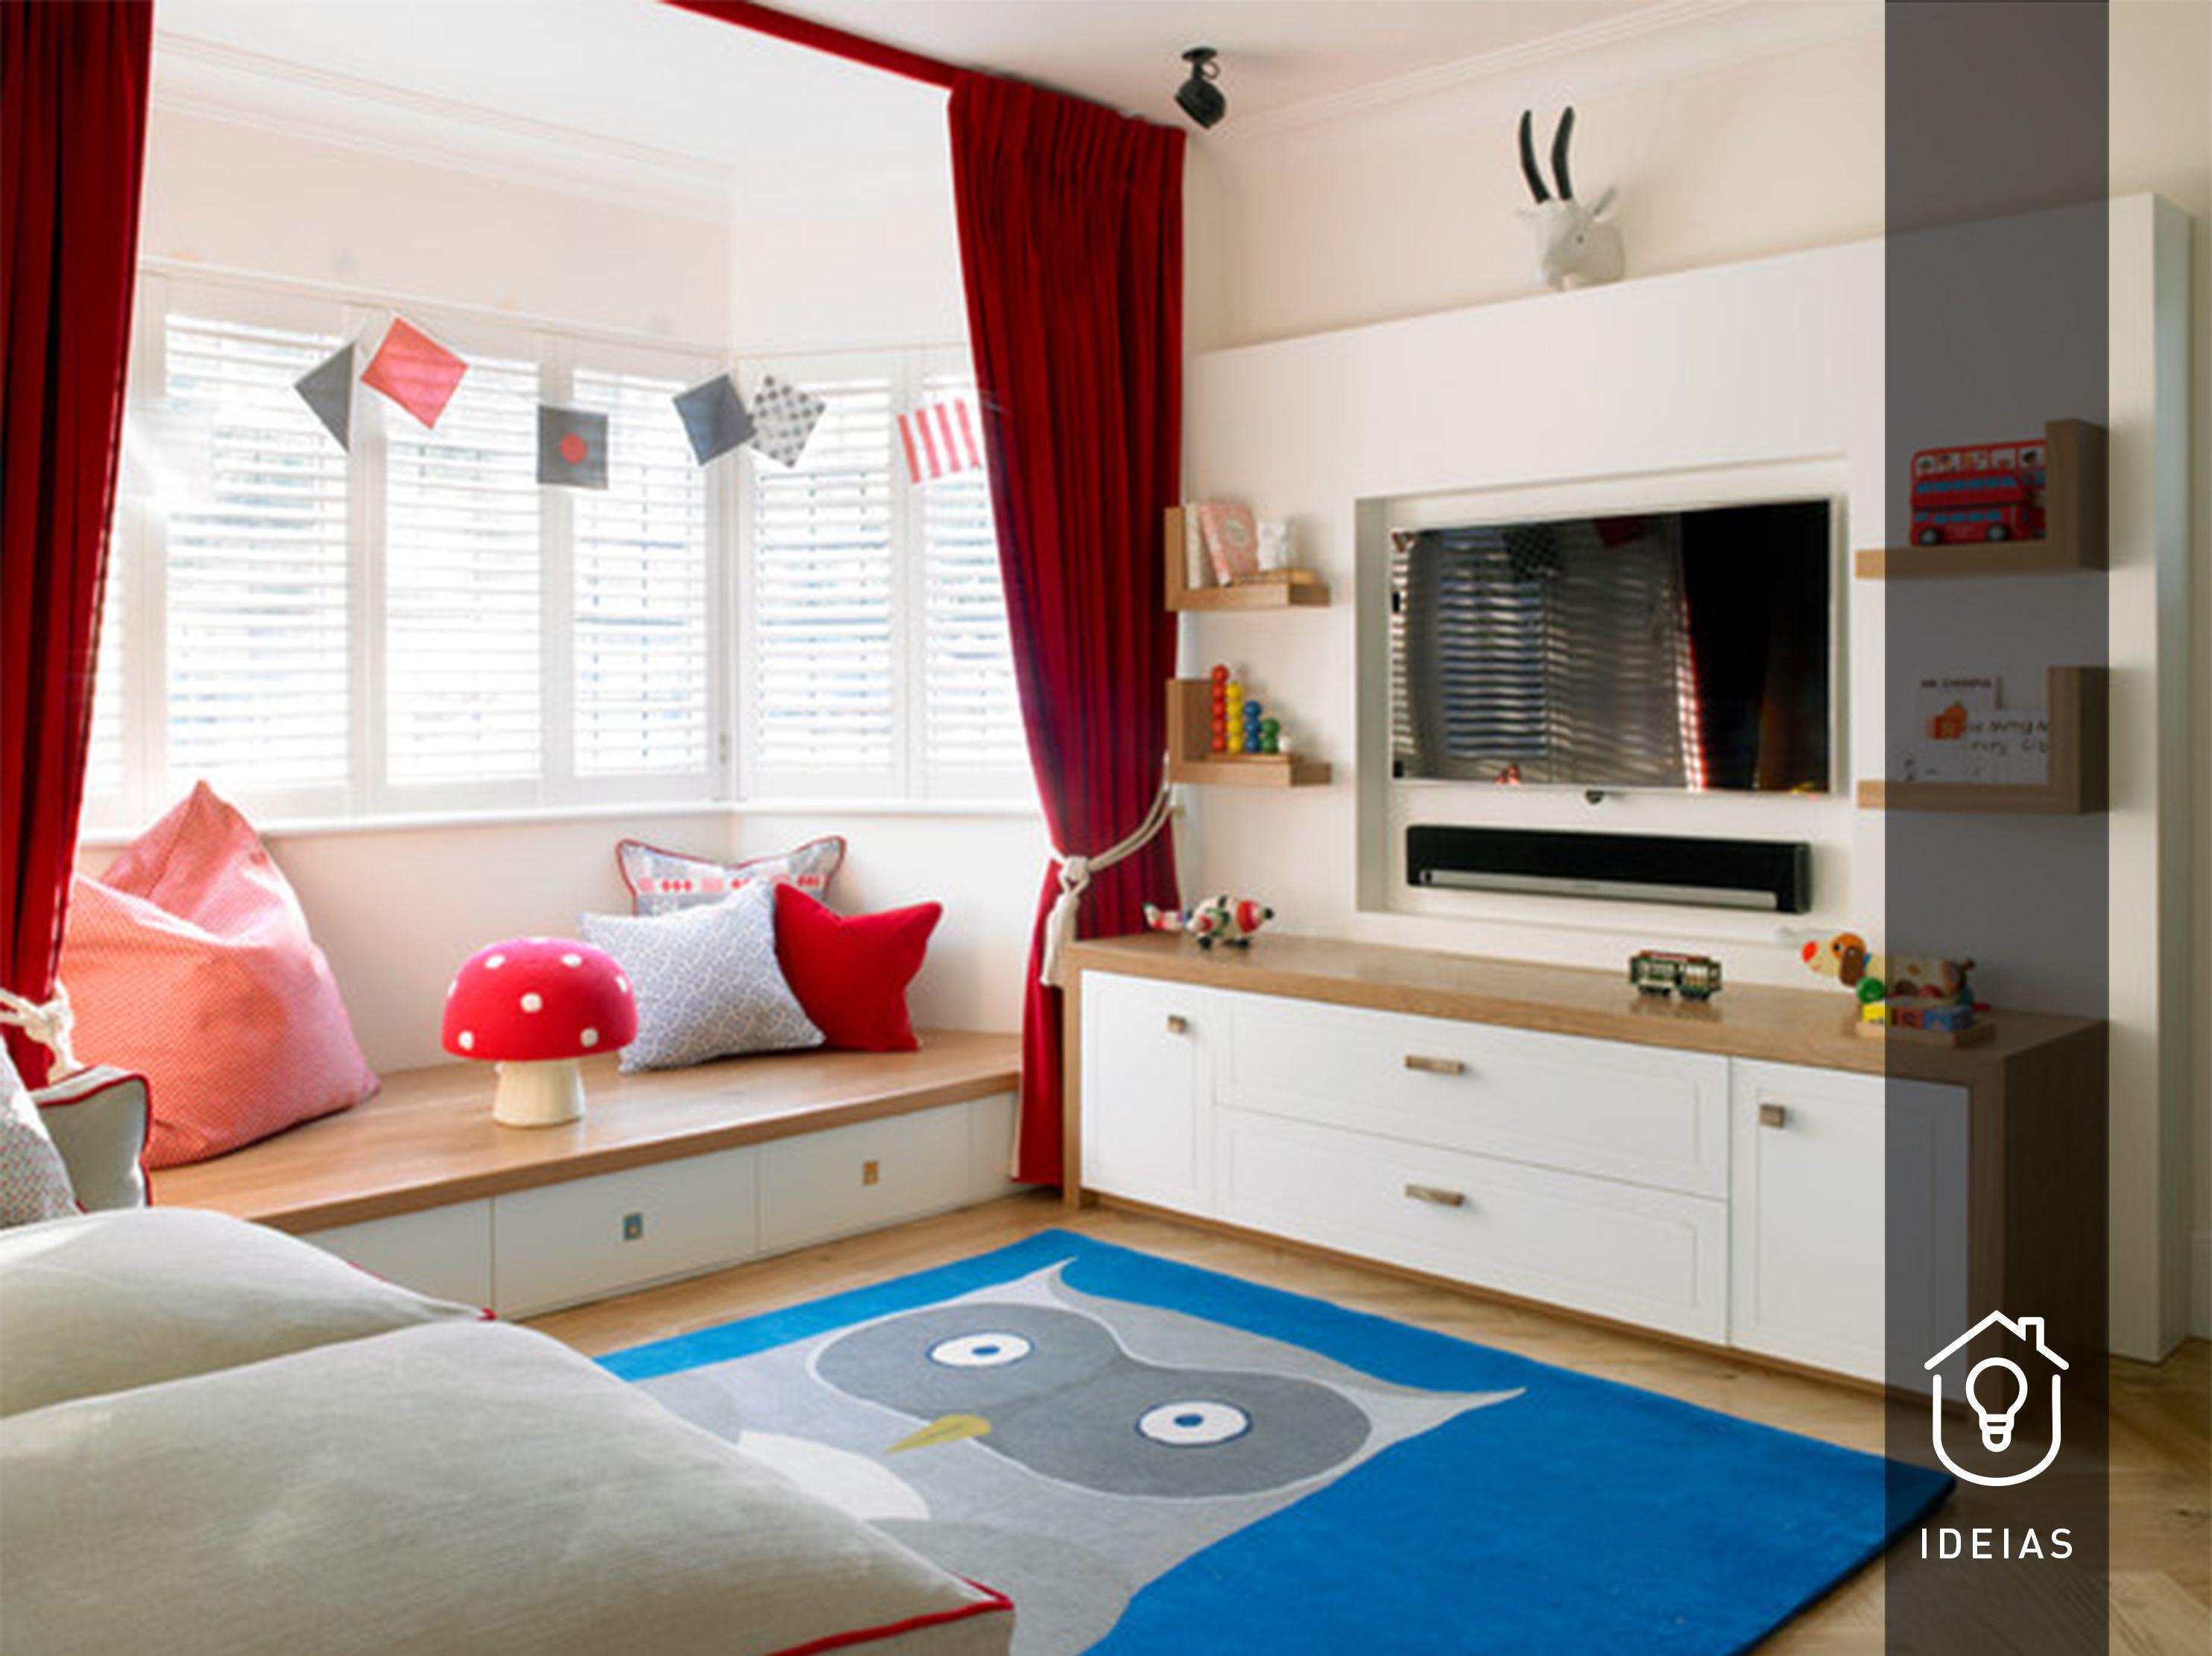 Bay window decor ideas  ideias de construção e decoração do espaço  quartos de criança